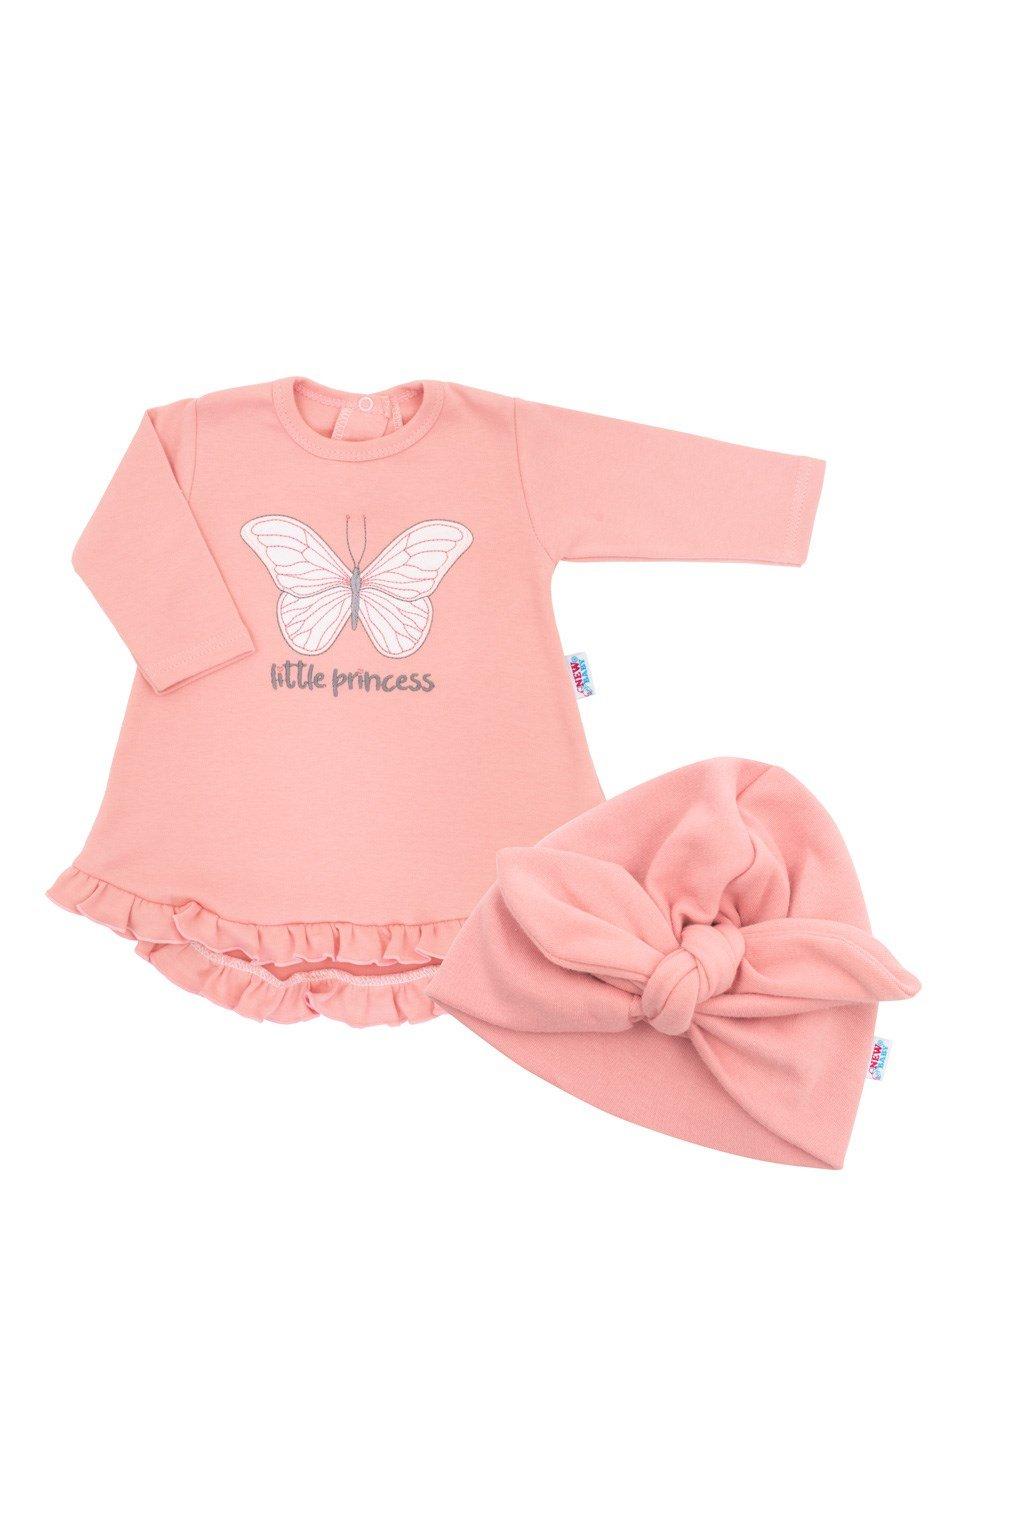 Dojčenské šatôčky s čiapočkou-turban New Baby Little Princess ružové NJSK 43961